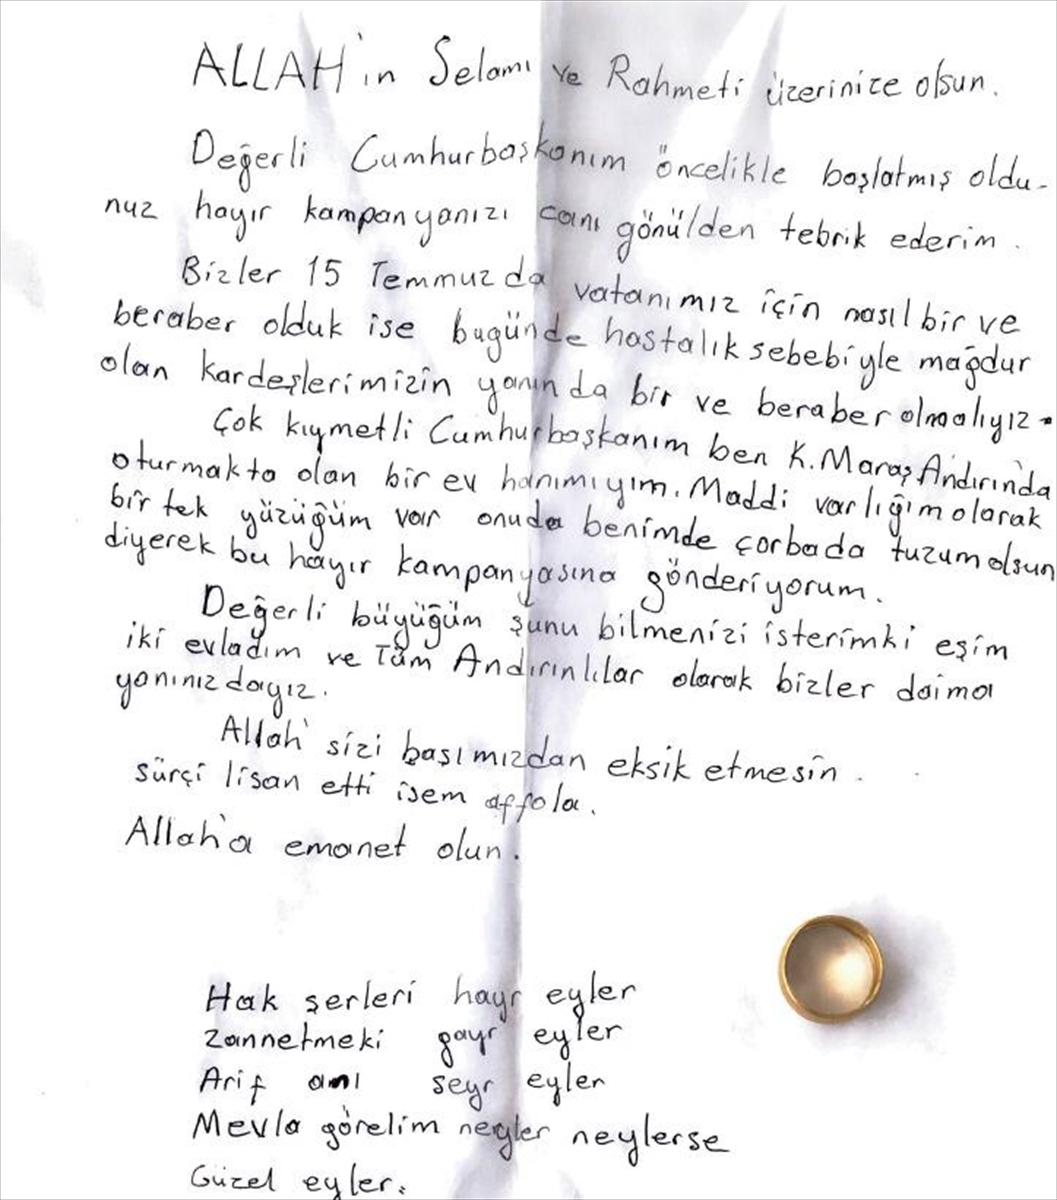 Cumhurbaşkanı Erdoğan, Milli Dayanışma Kampanyası'na yüzüğünü gönderen vatandaşla görüştü